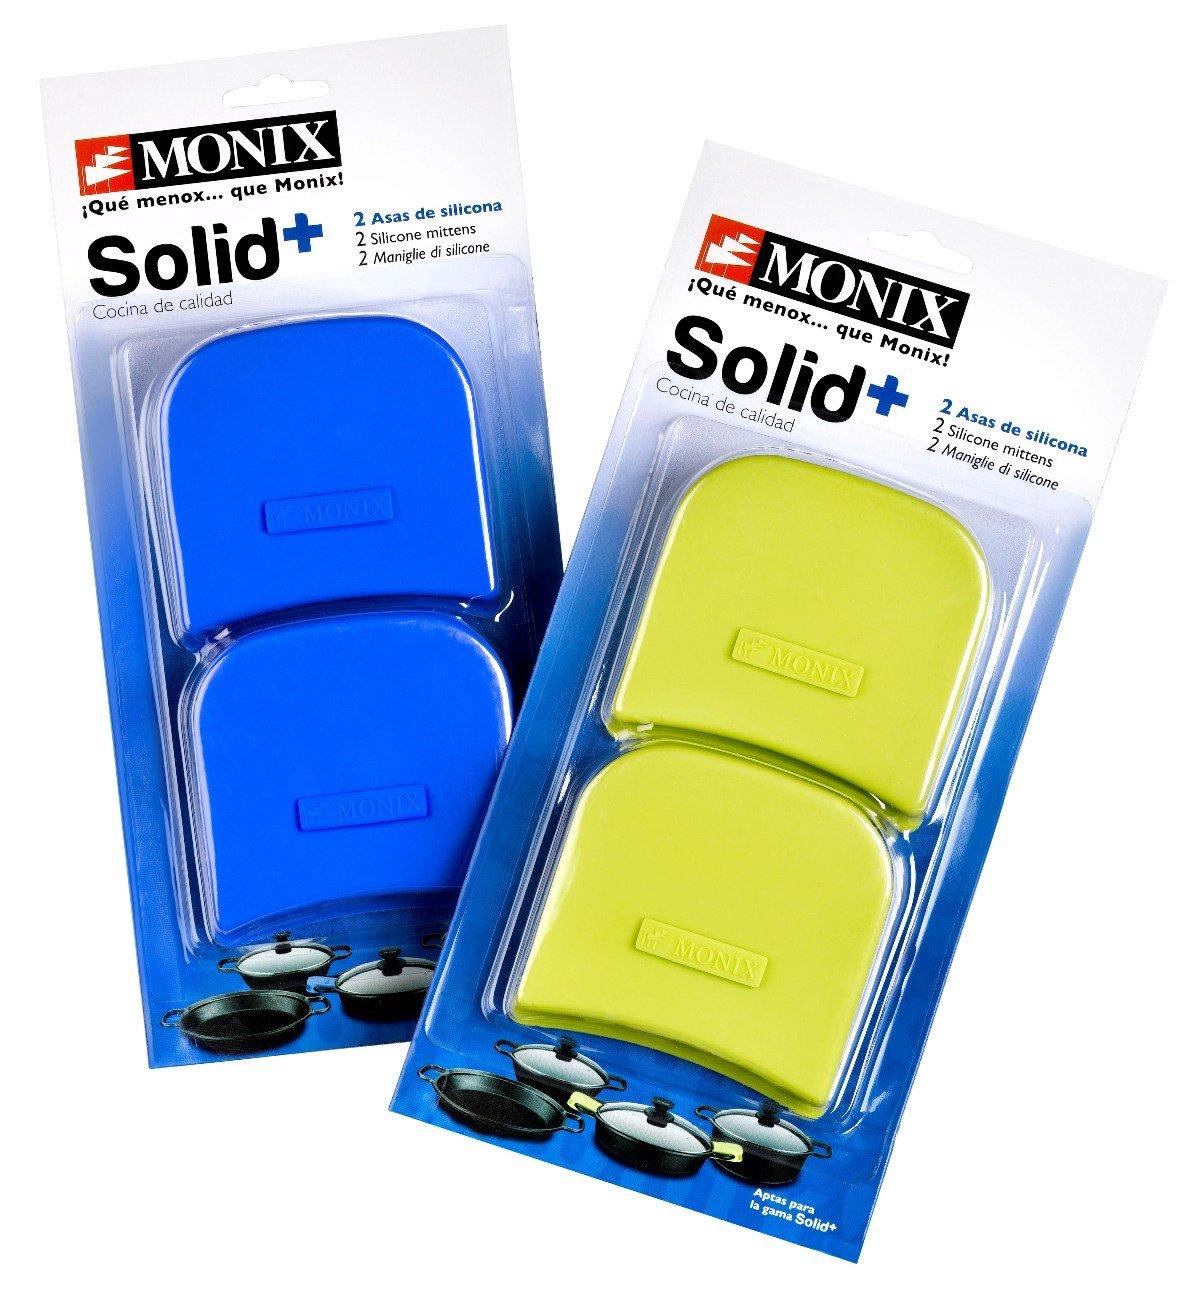 Monix Solid+ - Asas silicona, aptas para toda la serie Solid+, color azul: Amazon.es: Hogar